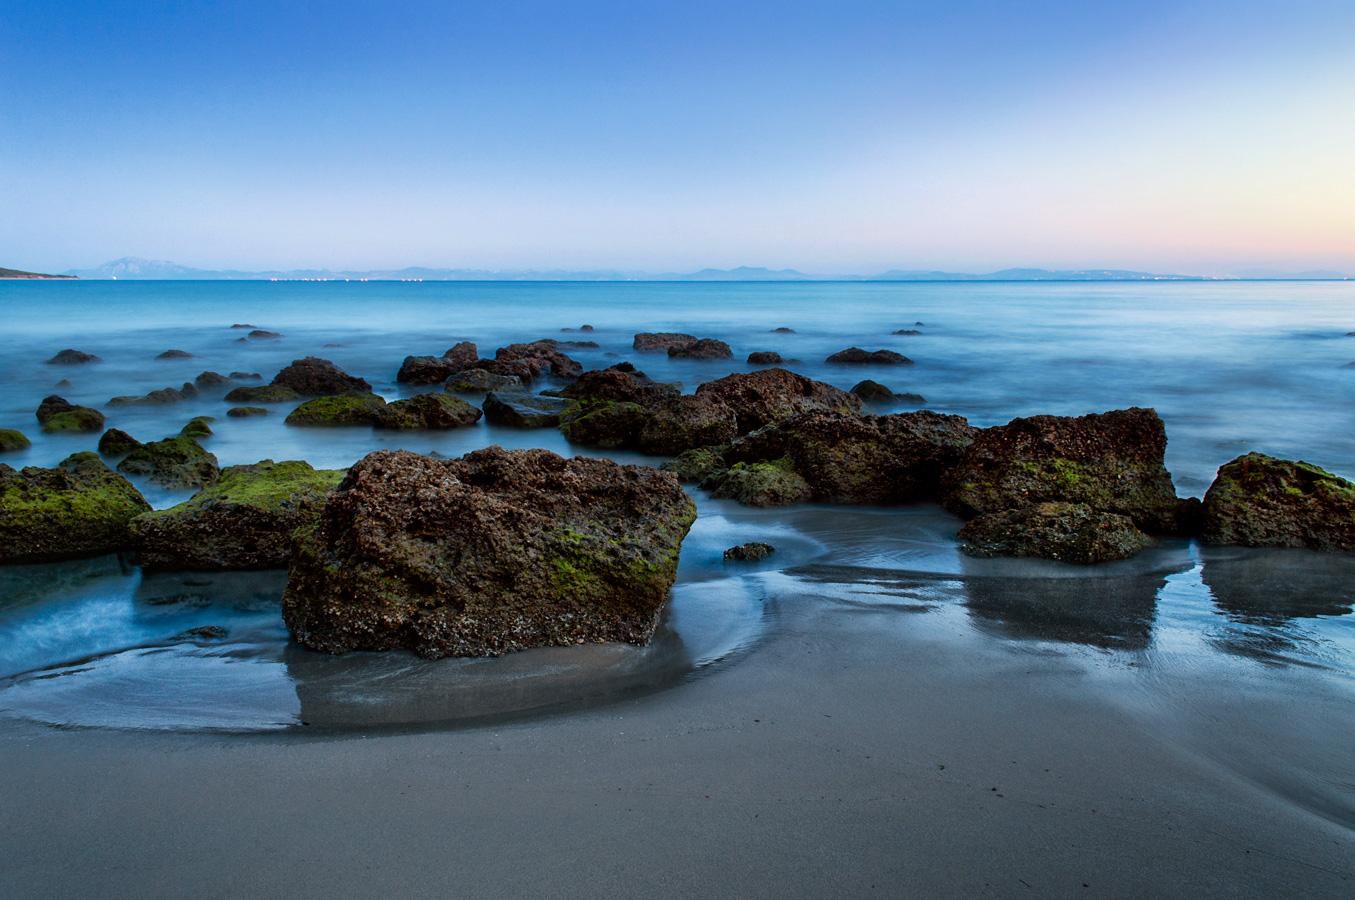 Fotografía de Miguel Portillo. Título: En la orilla del silencio.